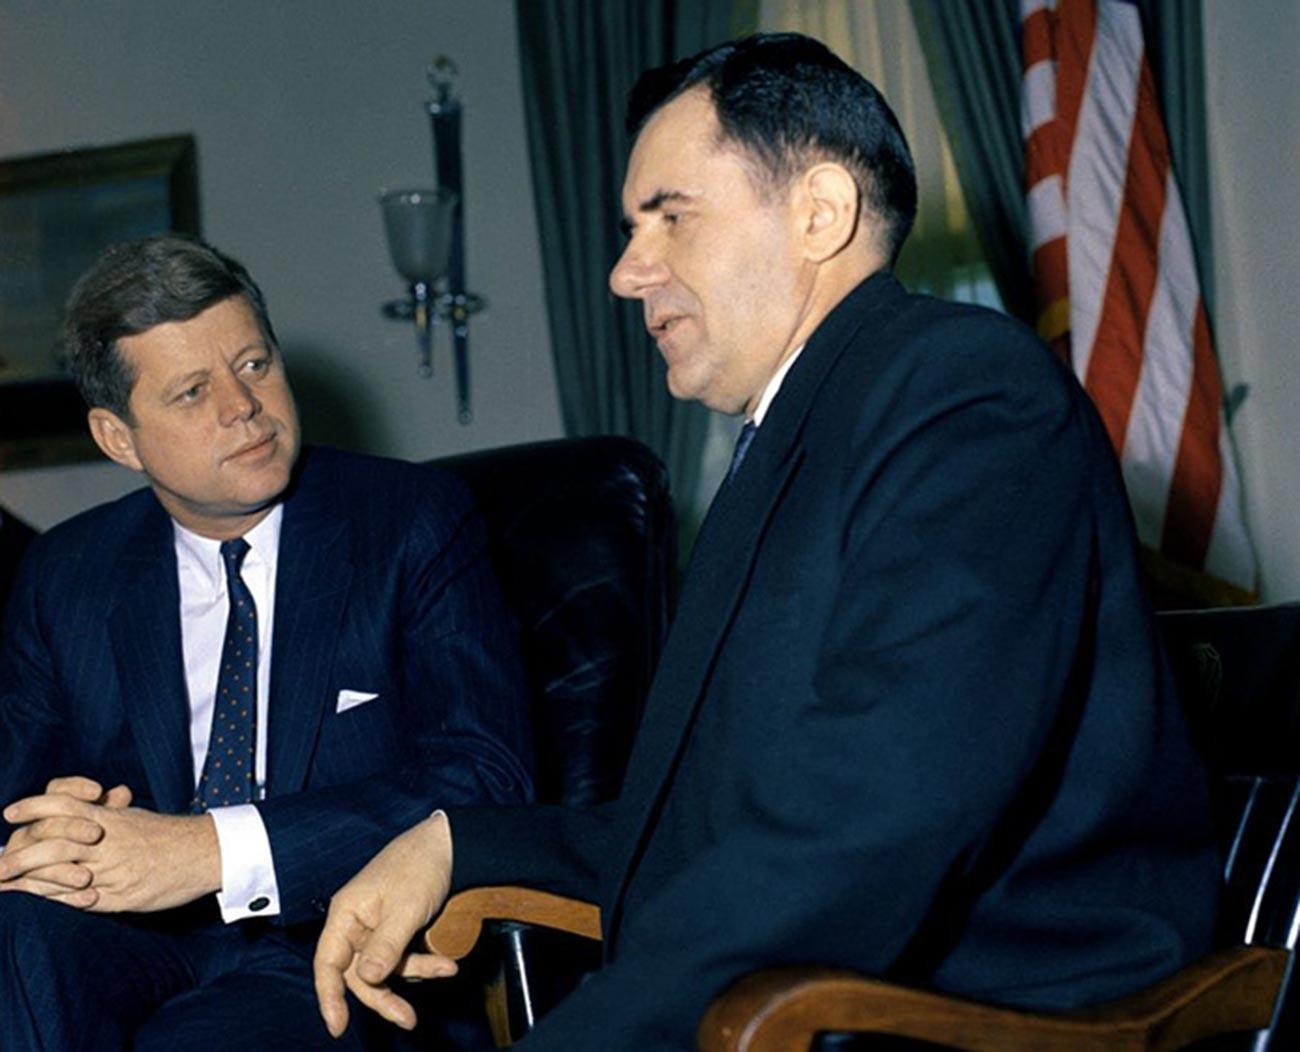 John Kennedy i Andrej Gromiko u Ovalnom uredu u Bijeloj kući u Washingtonu.